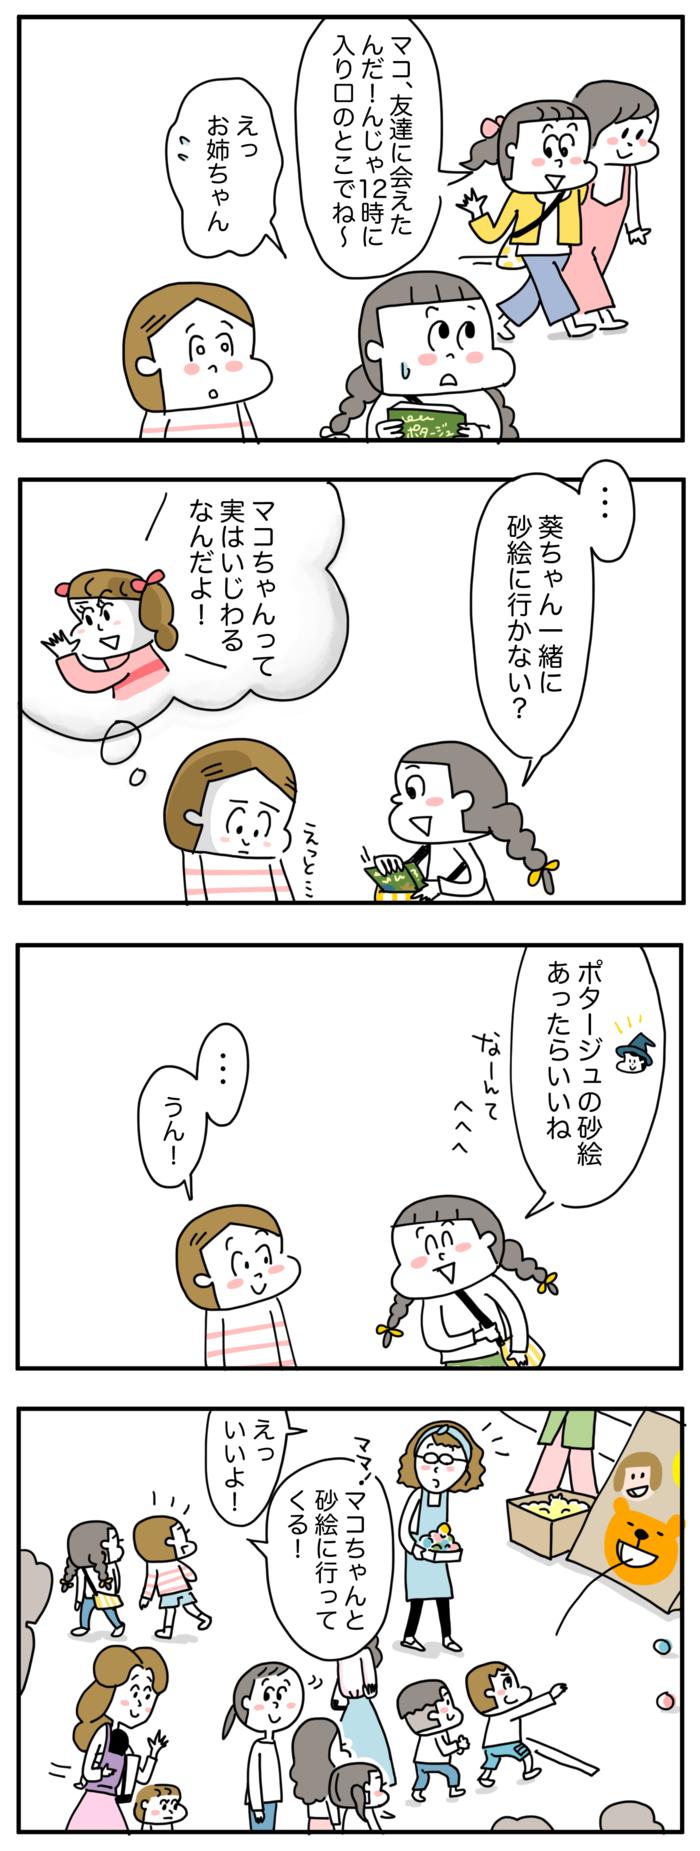 ママ友は「友」をつけるから混乱する。モヤモヤの先につかんだ距離感の画像4